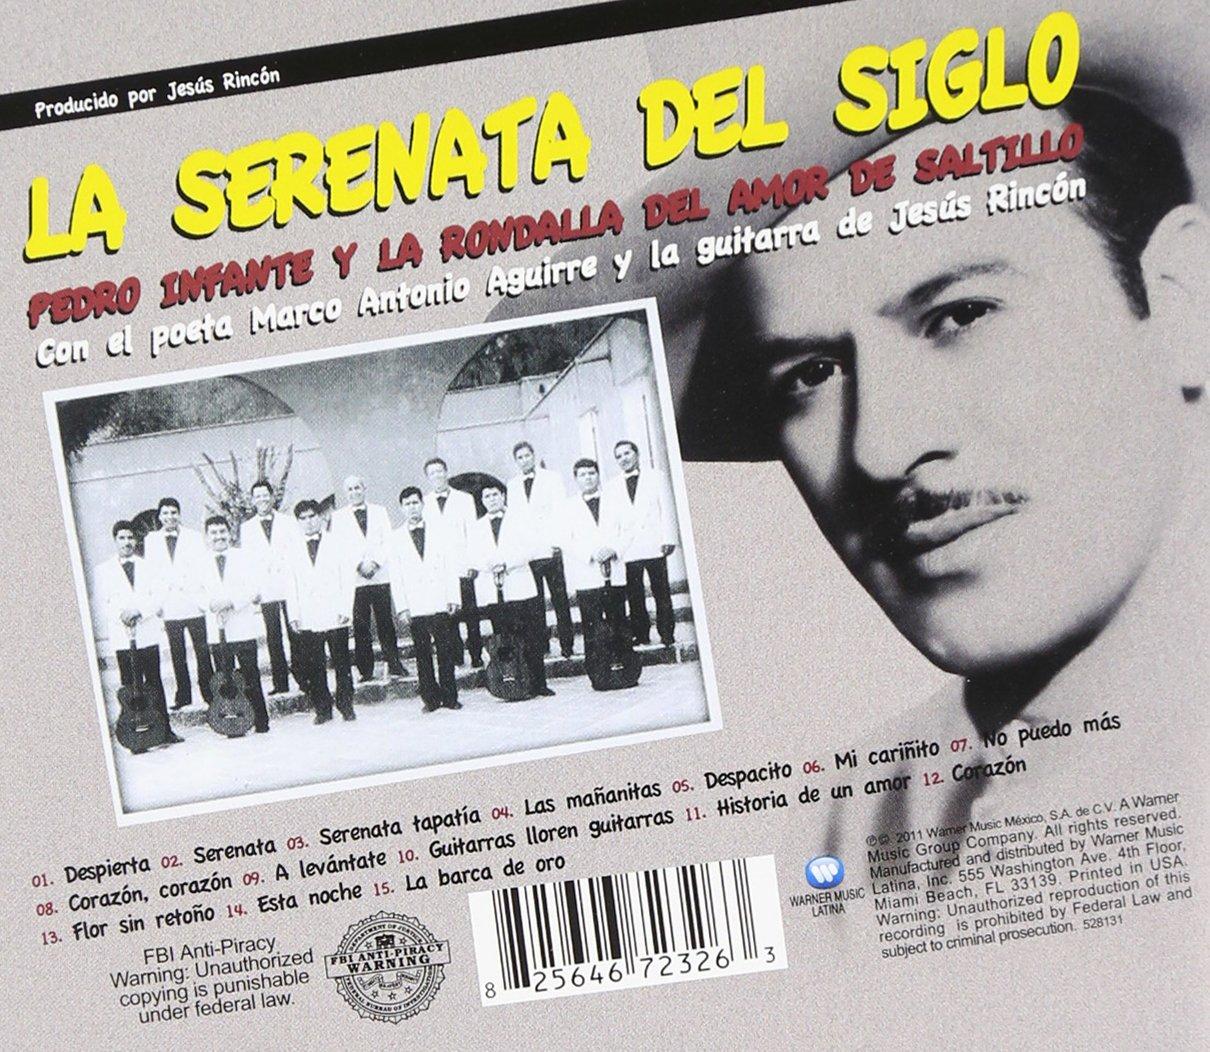 Pedro Y La Rondalla Del Amor De Saltillo Infante - La Serenata Del Siglo - Amazon.com Music